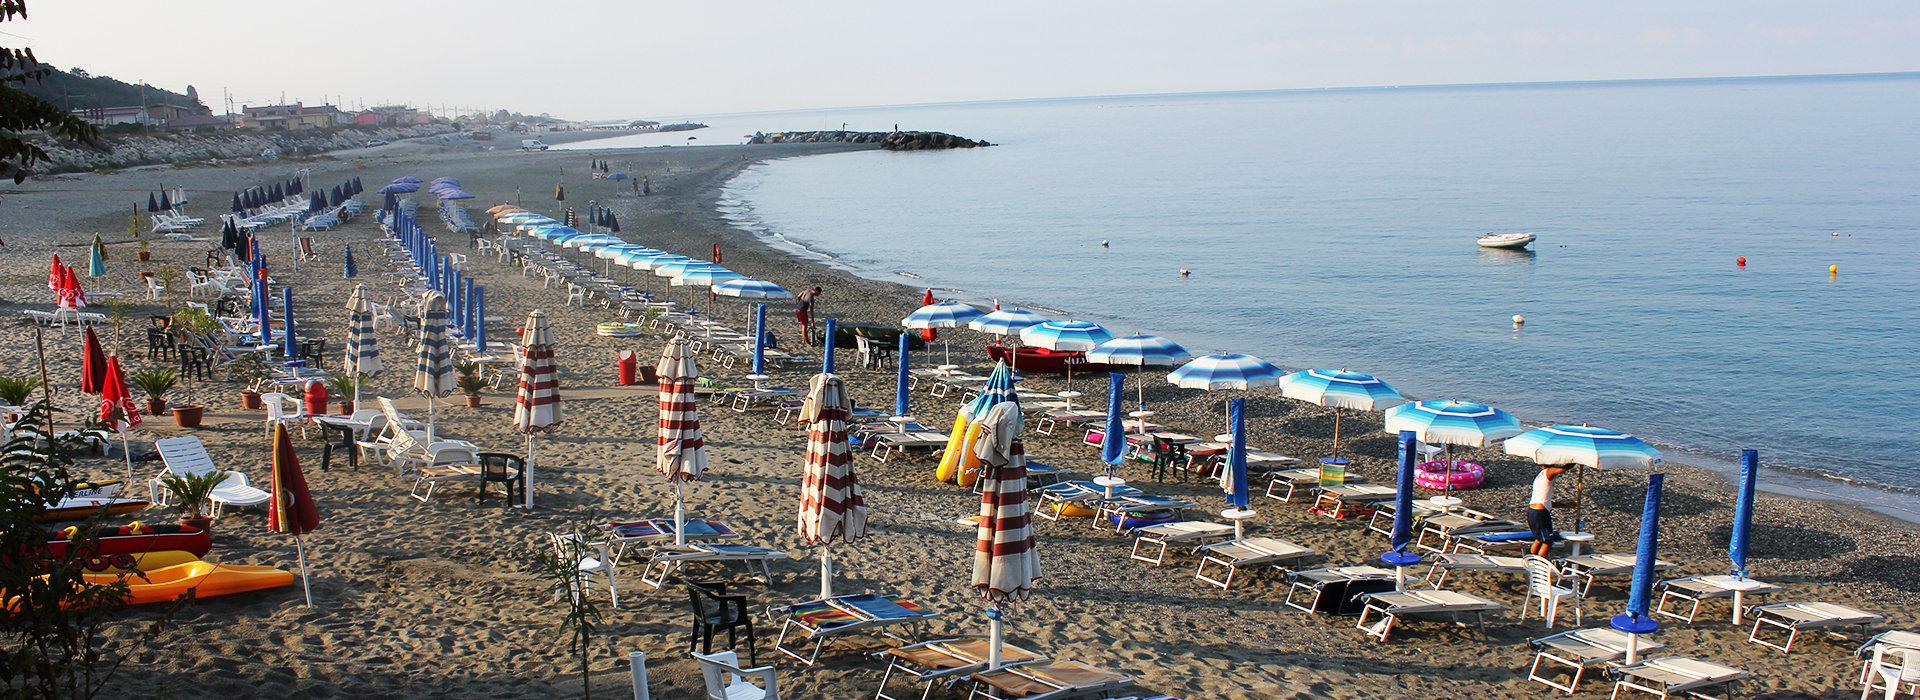 spiaggia-allestita